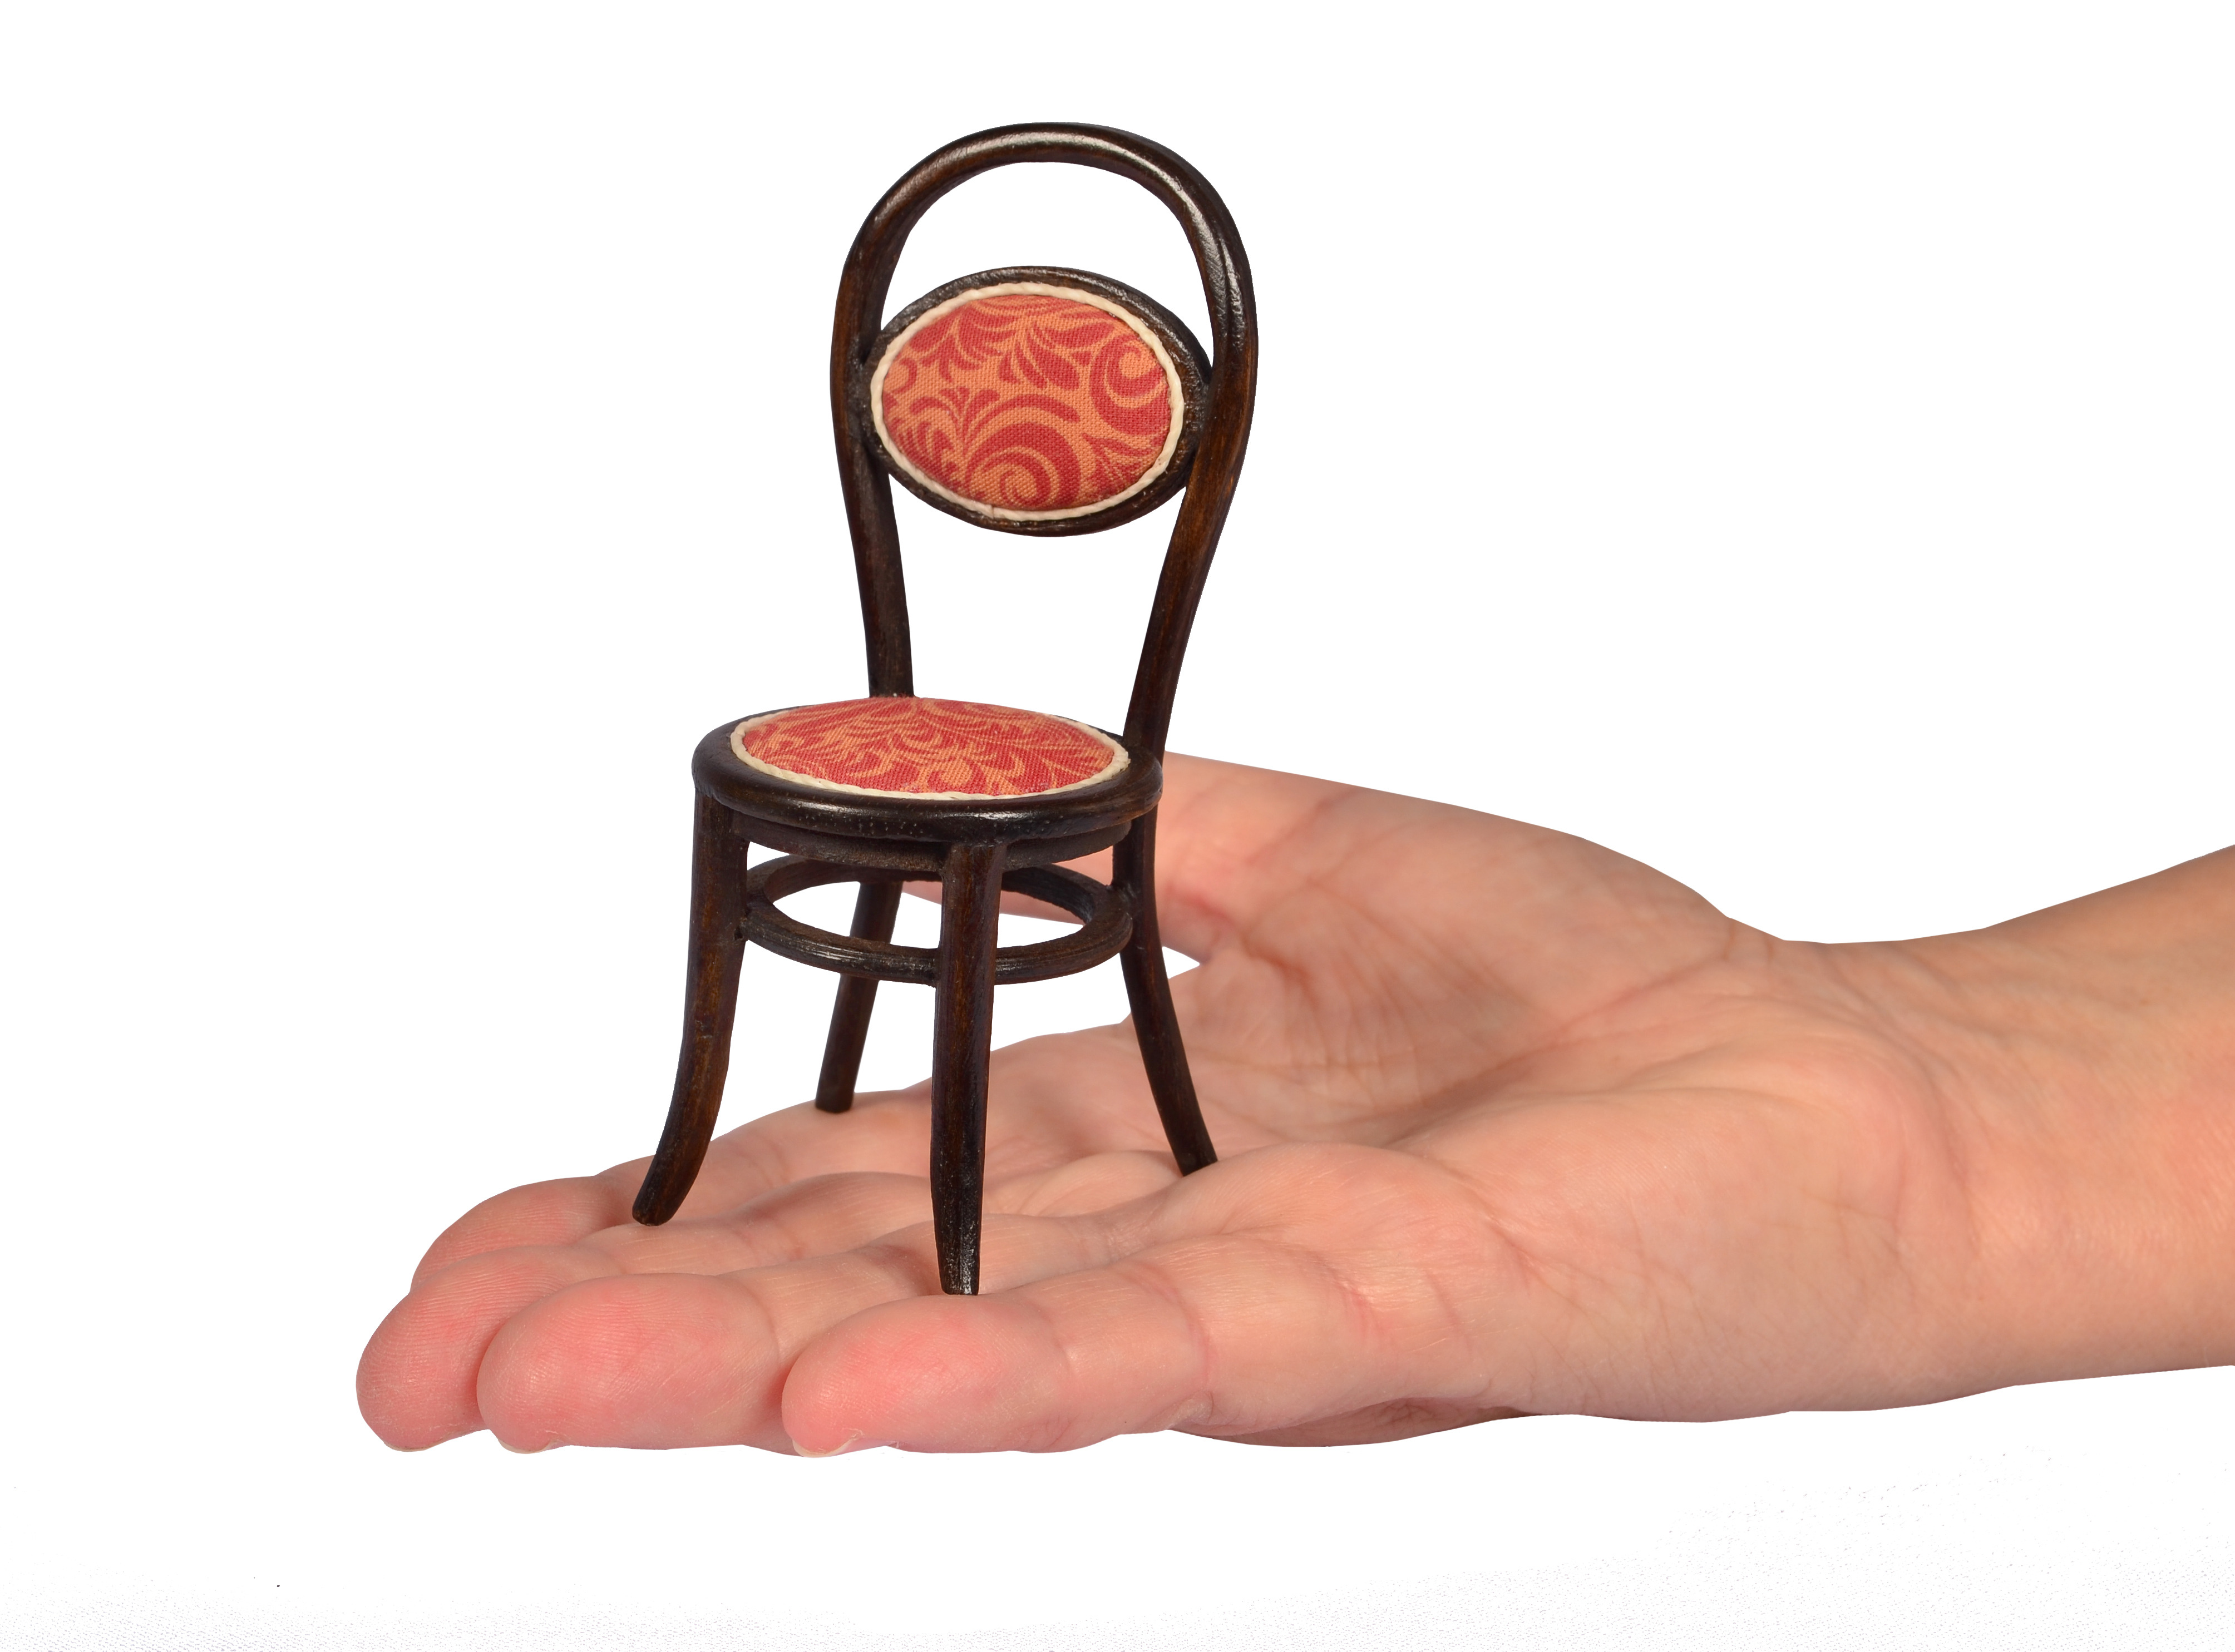 cadeira thonet estofada cadeira cadeira thonet estofada cadeira  #A1532A 4017x2970